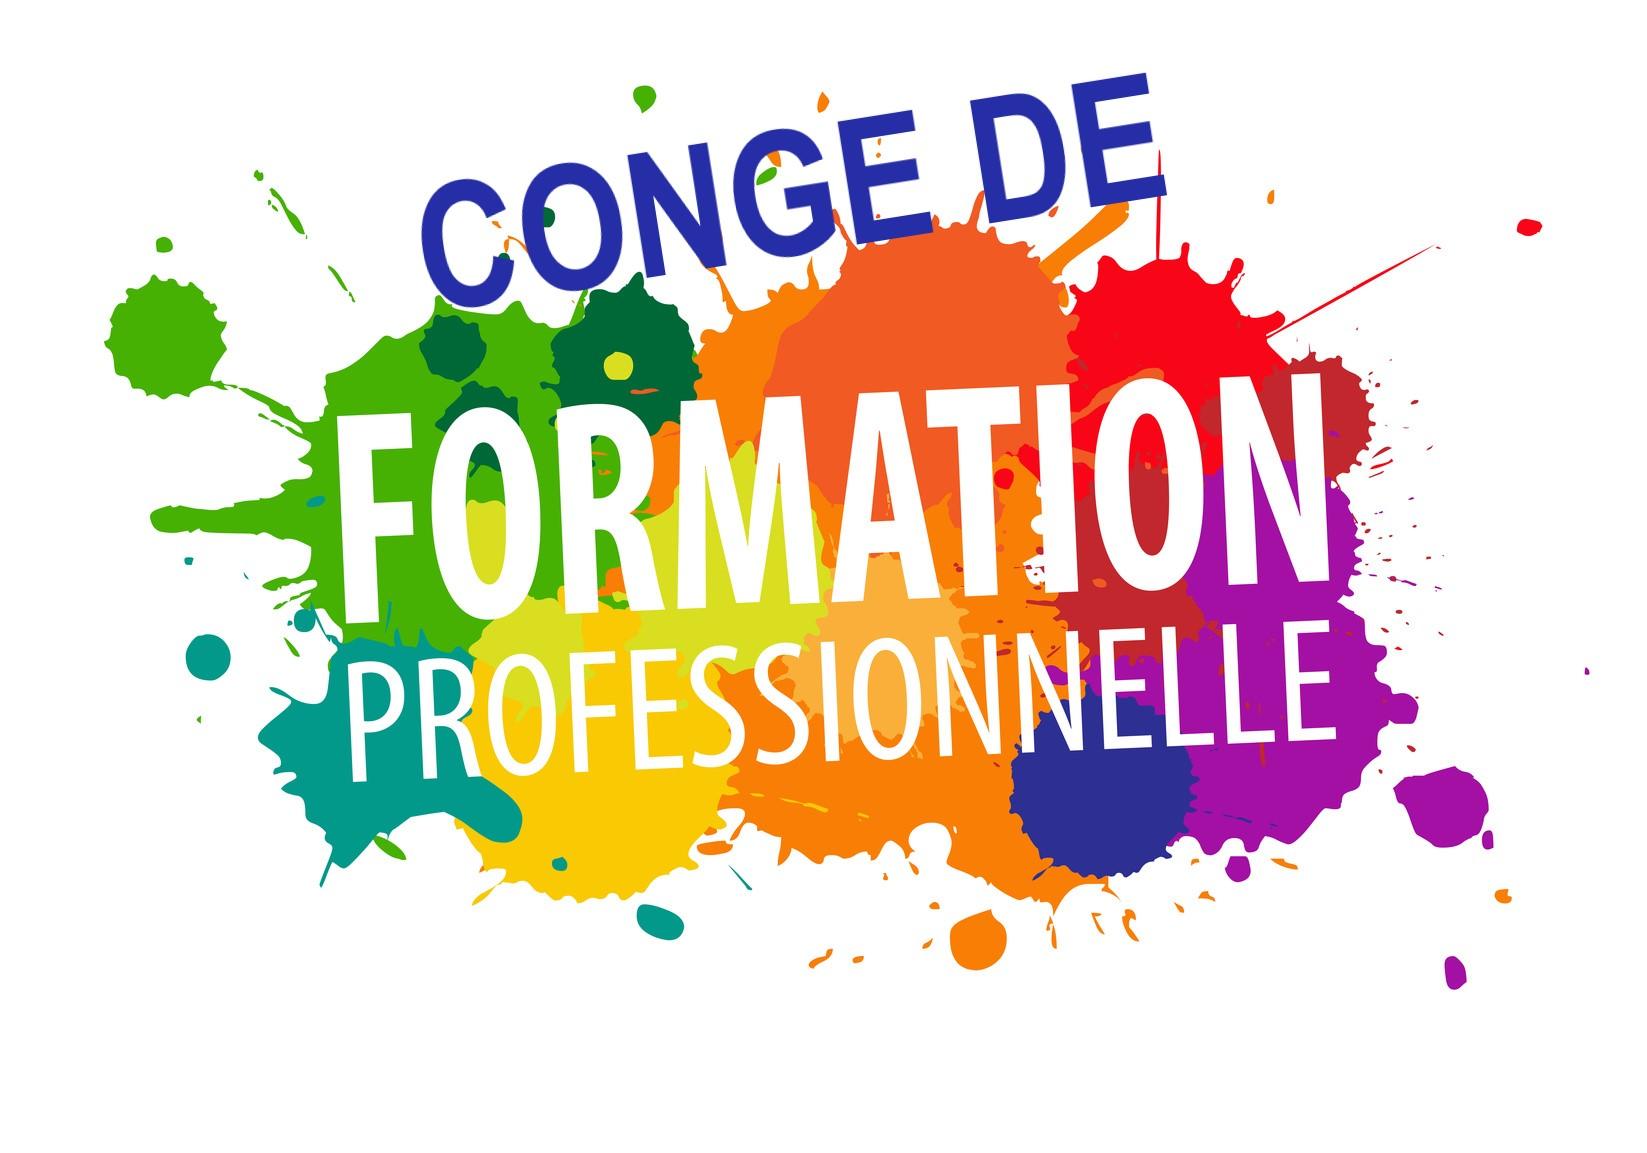 Congé de Formation Professionnelle  8/03/21